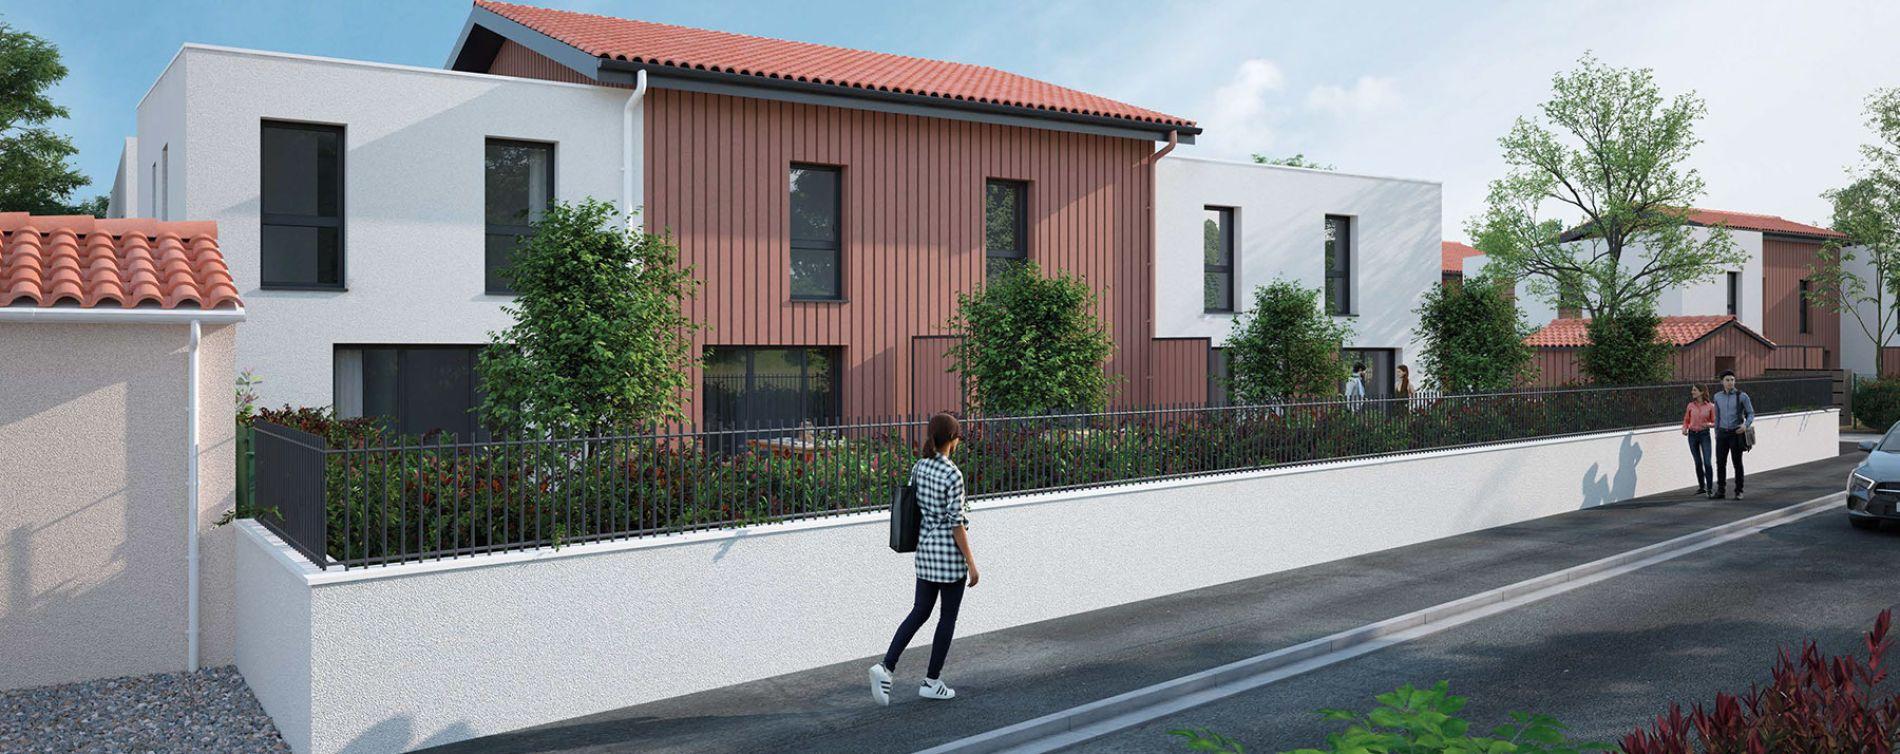 Parempuyre : programme immobilier neuve « Les Villas Pourpres 2 »